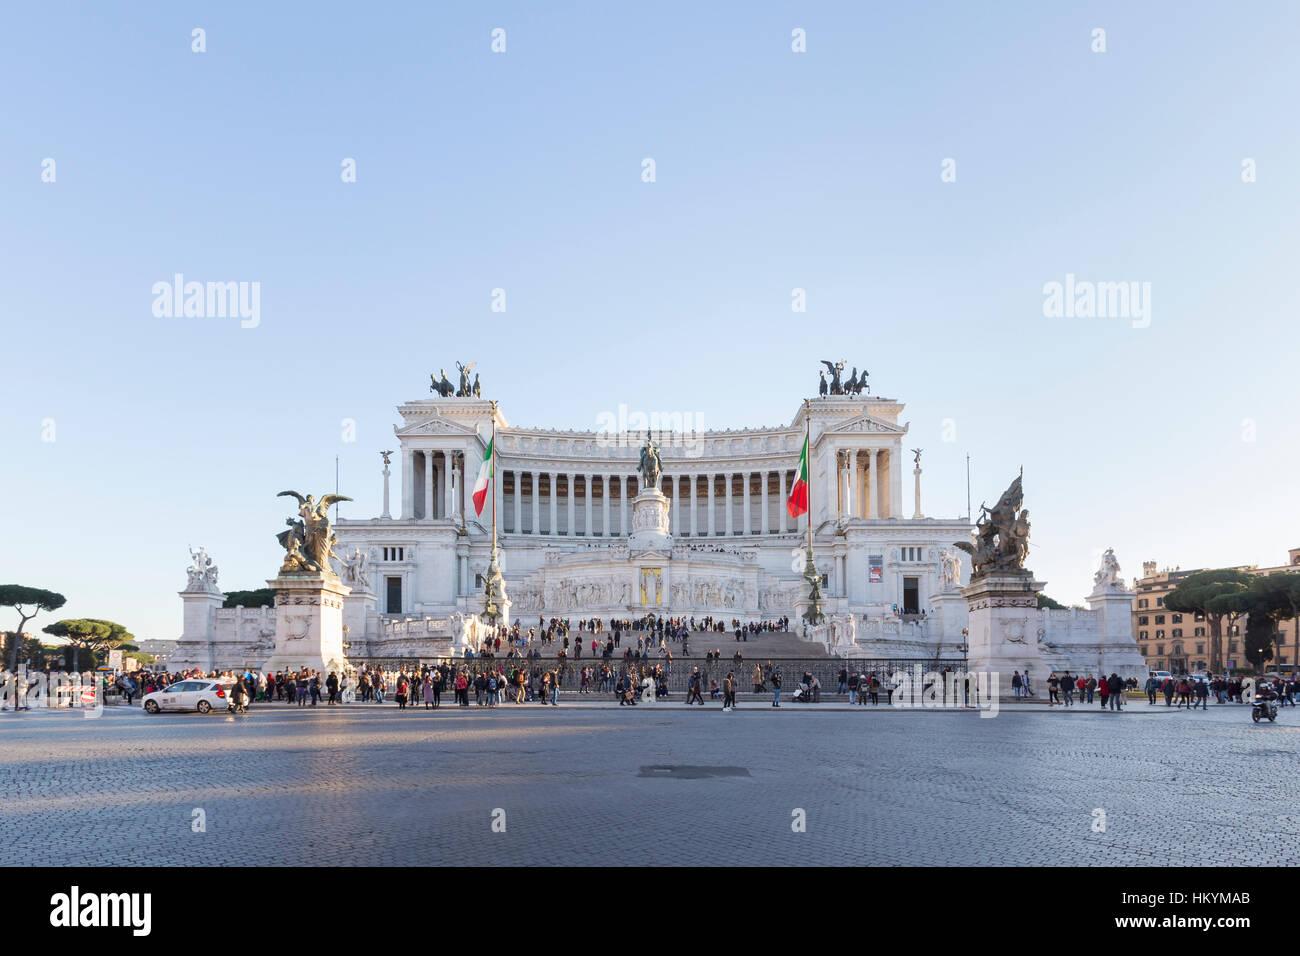 Monument Vittoriano, Altare della Patria, de Vittorio Emanuele II, Piazza Venezia, Rome, Italie Photo Stock